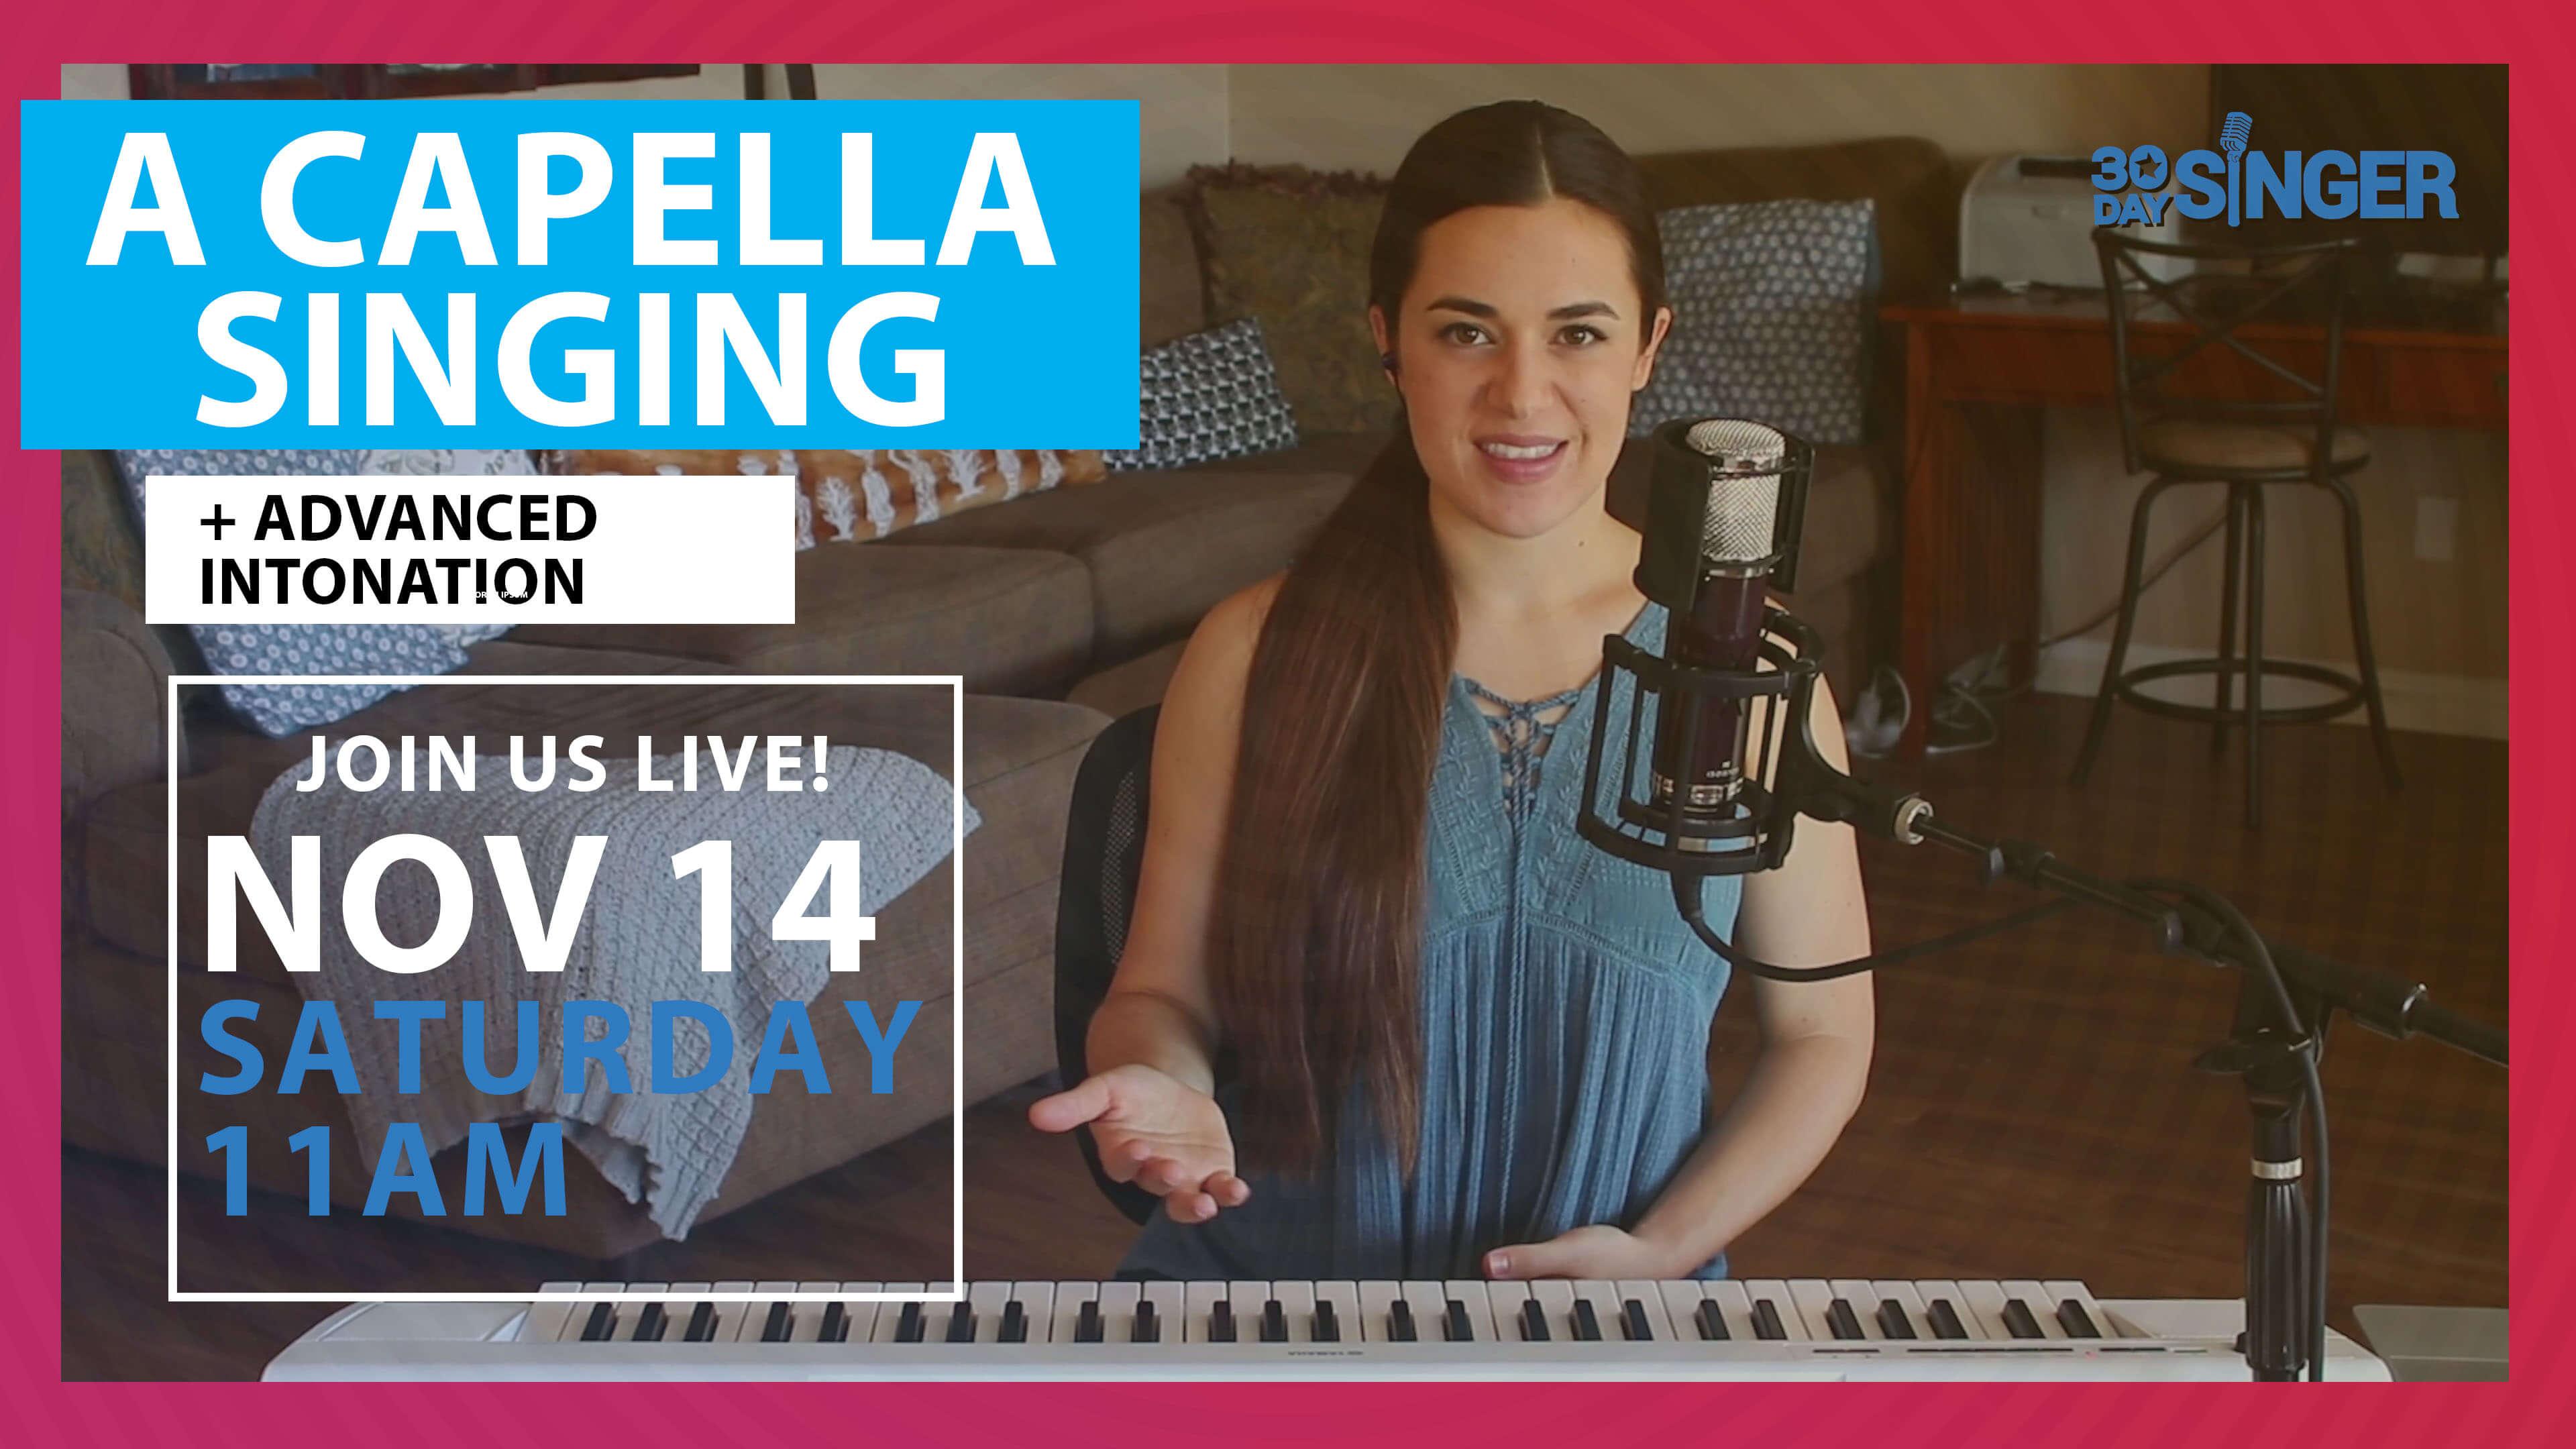 A Capella Singing & Advanced Intonation